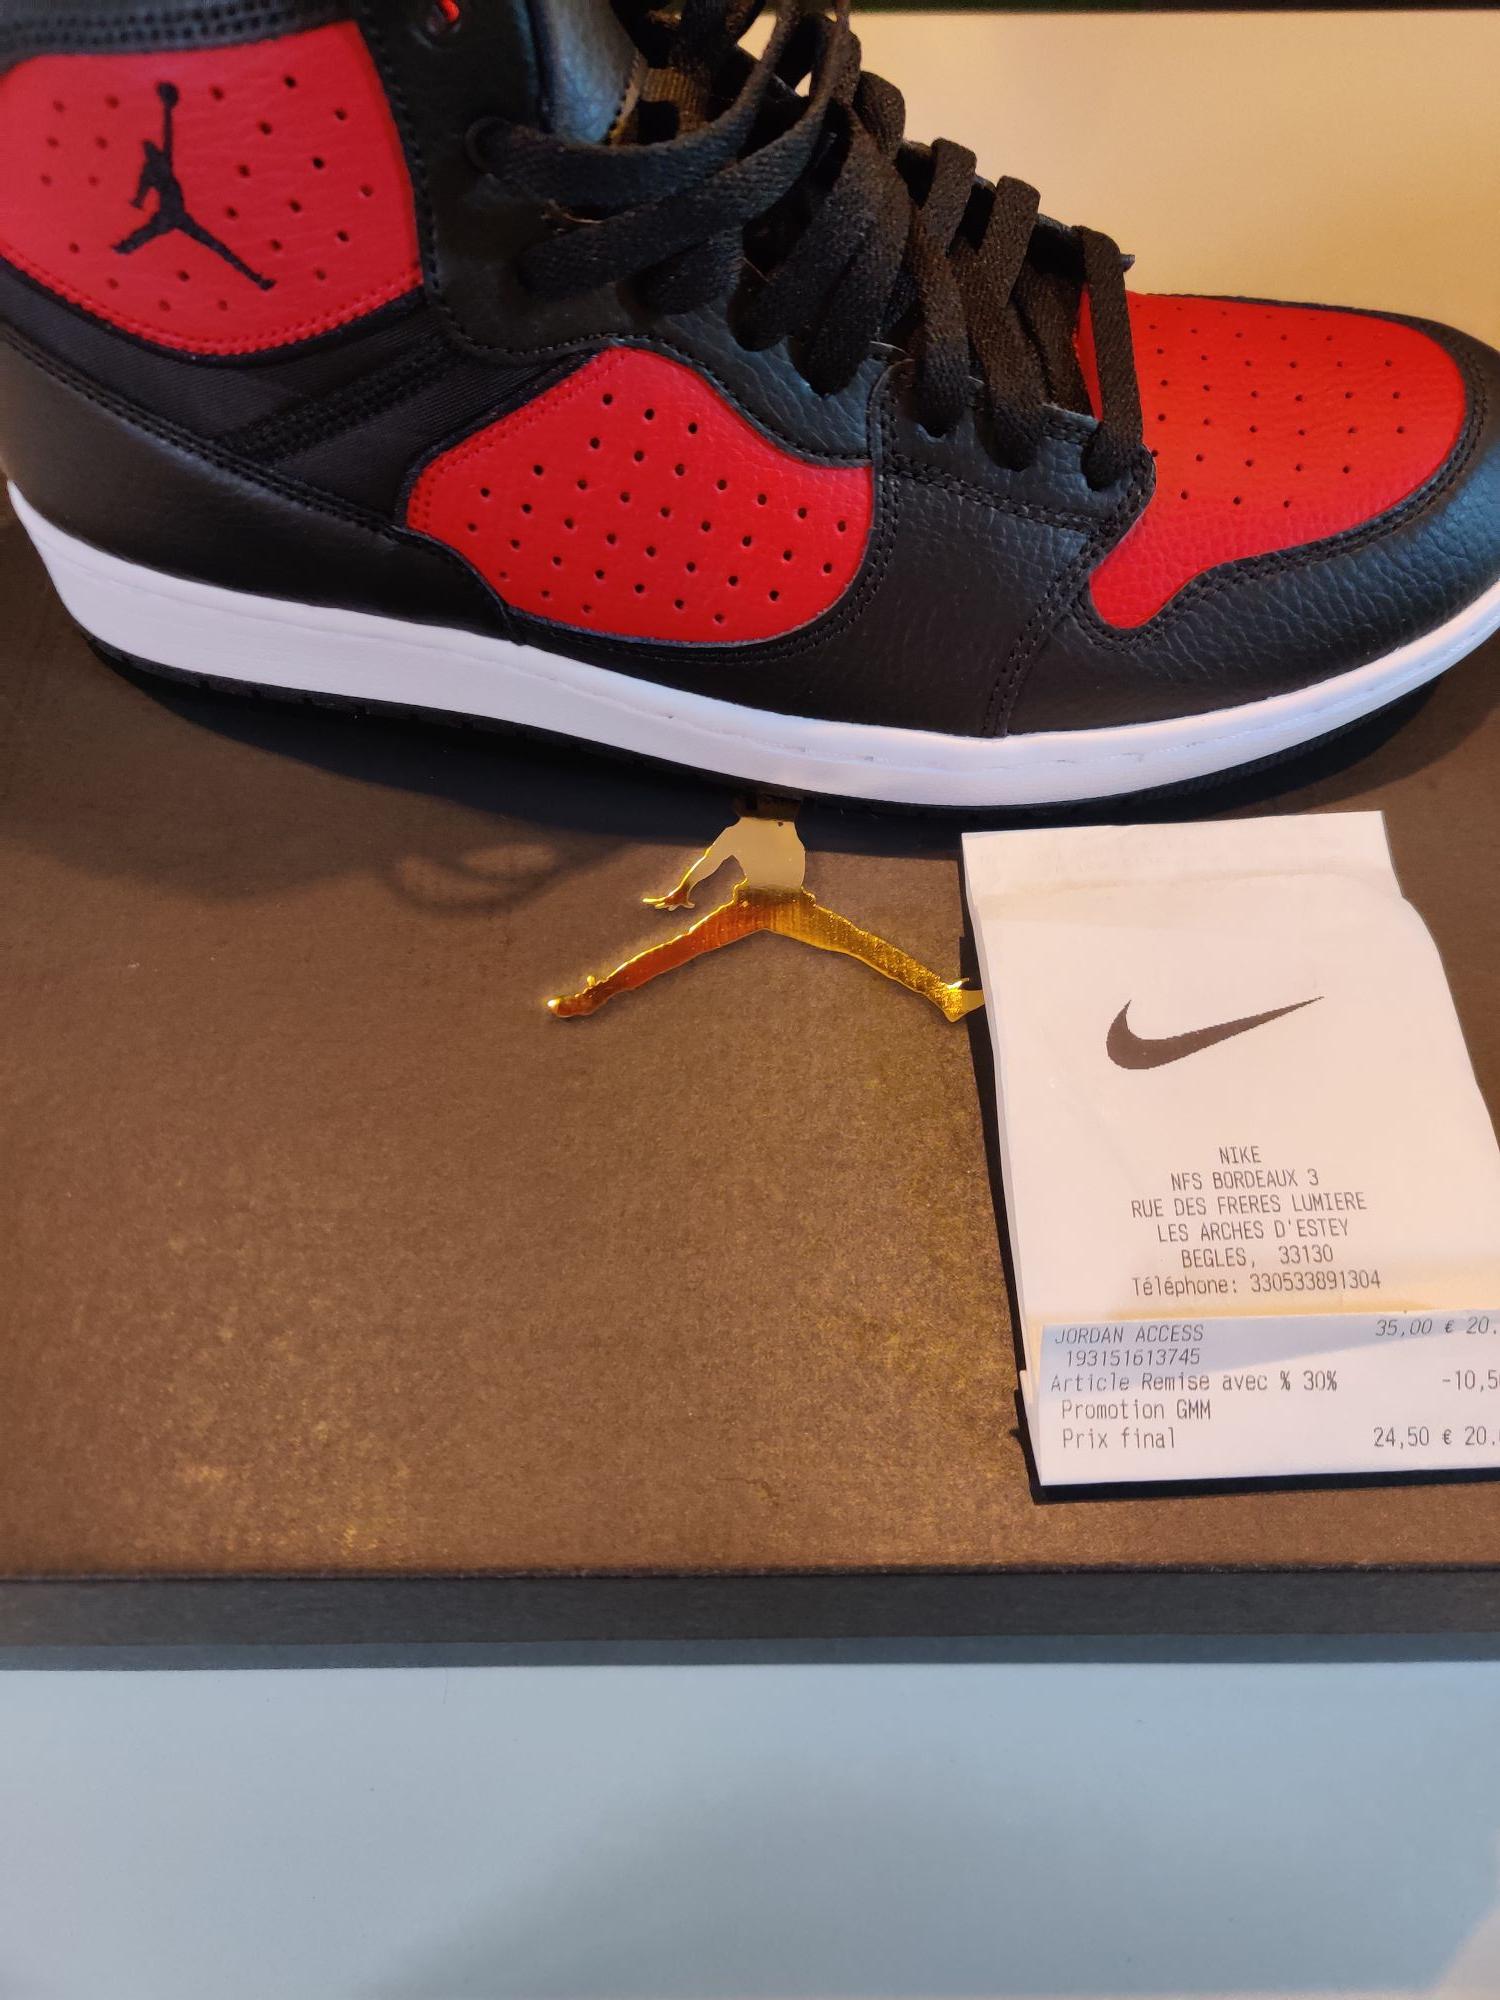 Chaussures Nike Jordan Access - noir / rouge (du 41 au 46) - Bègles (33)